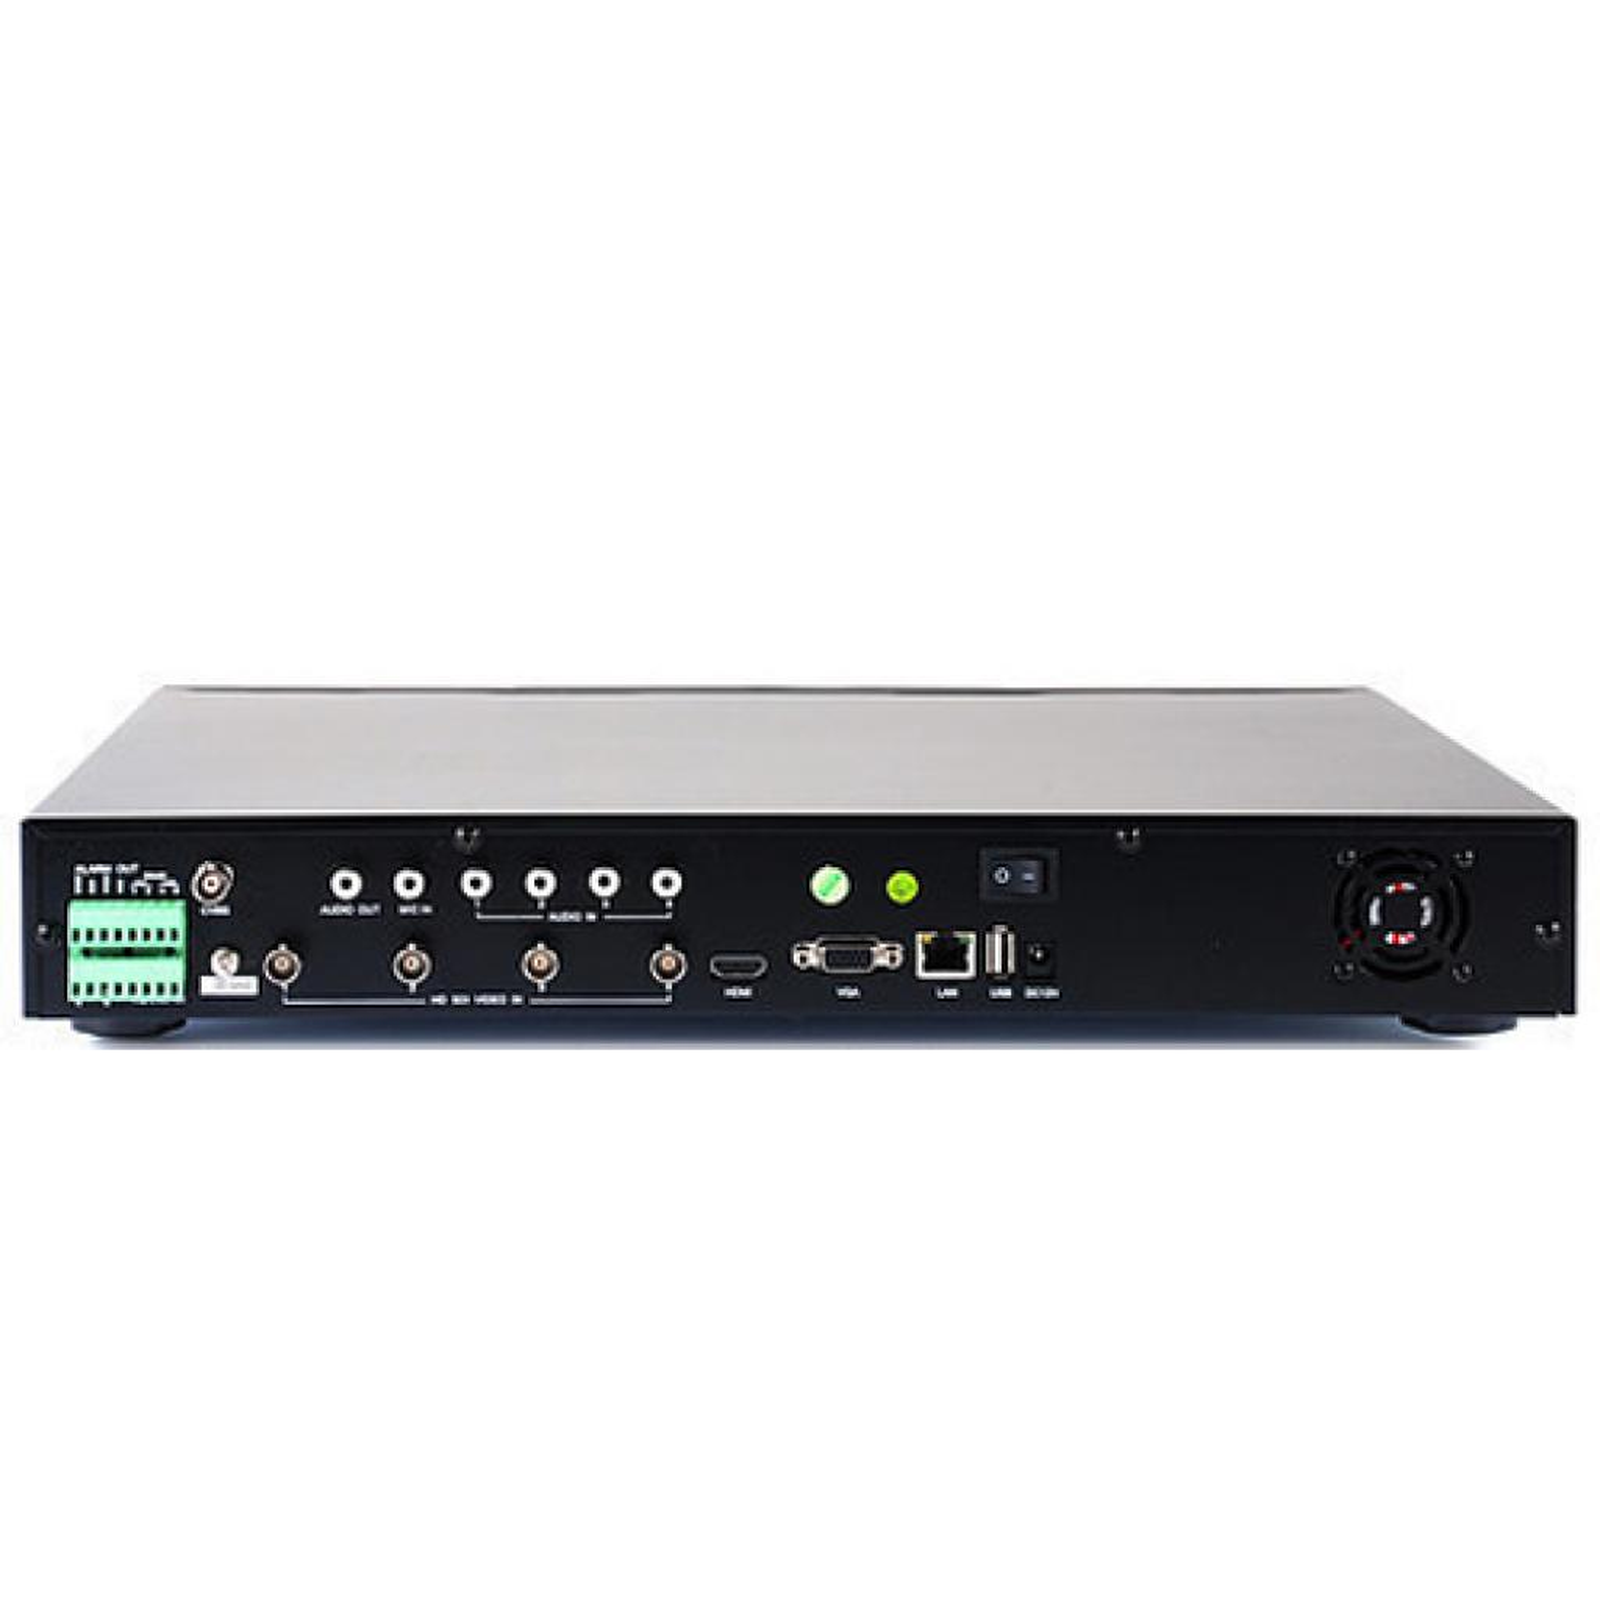 Регистратор для видеонаблюдения Gazer NF304r изображение 2